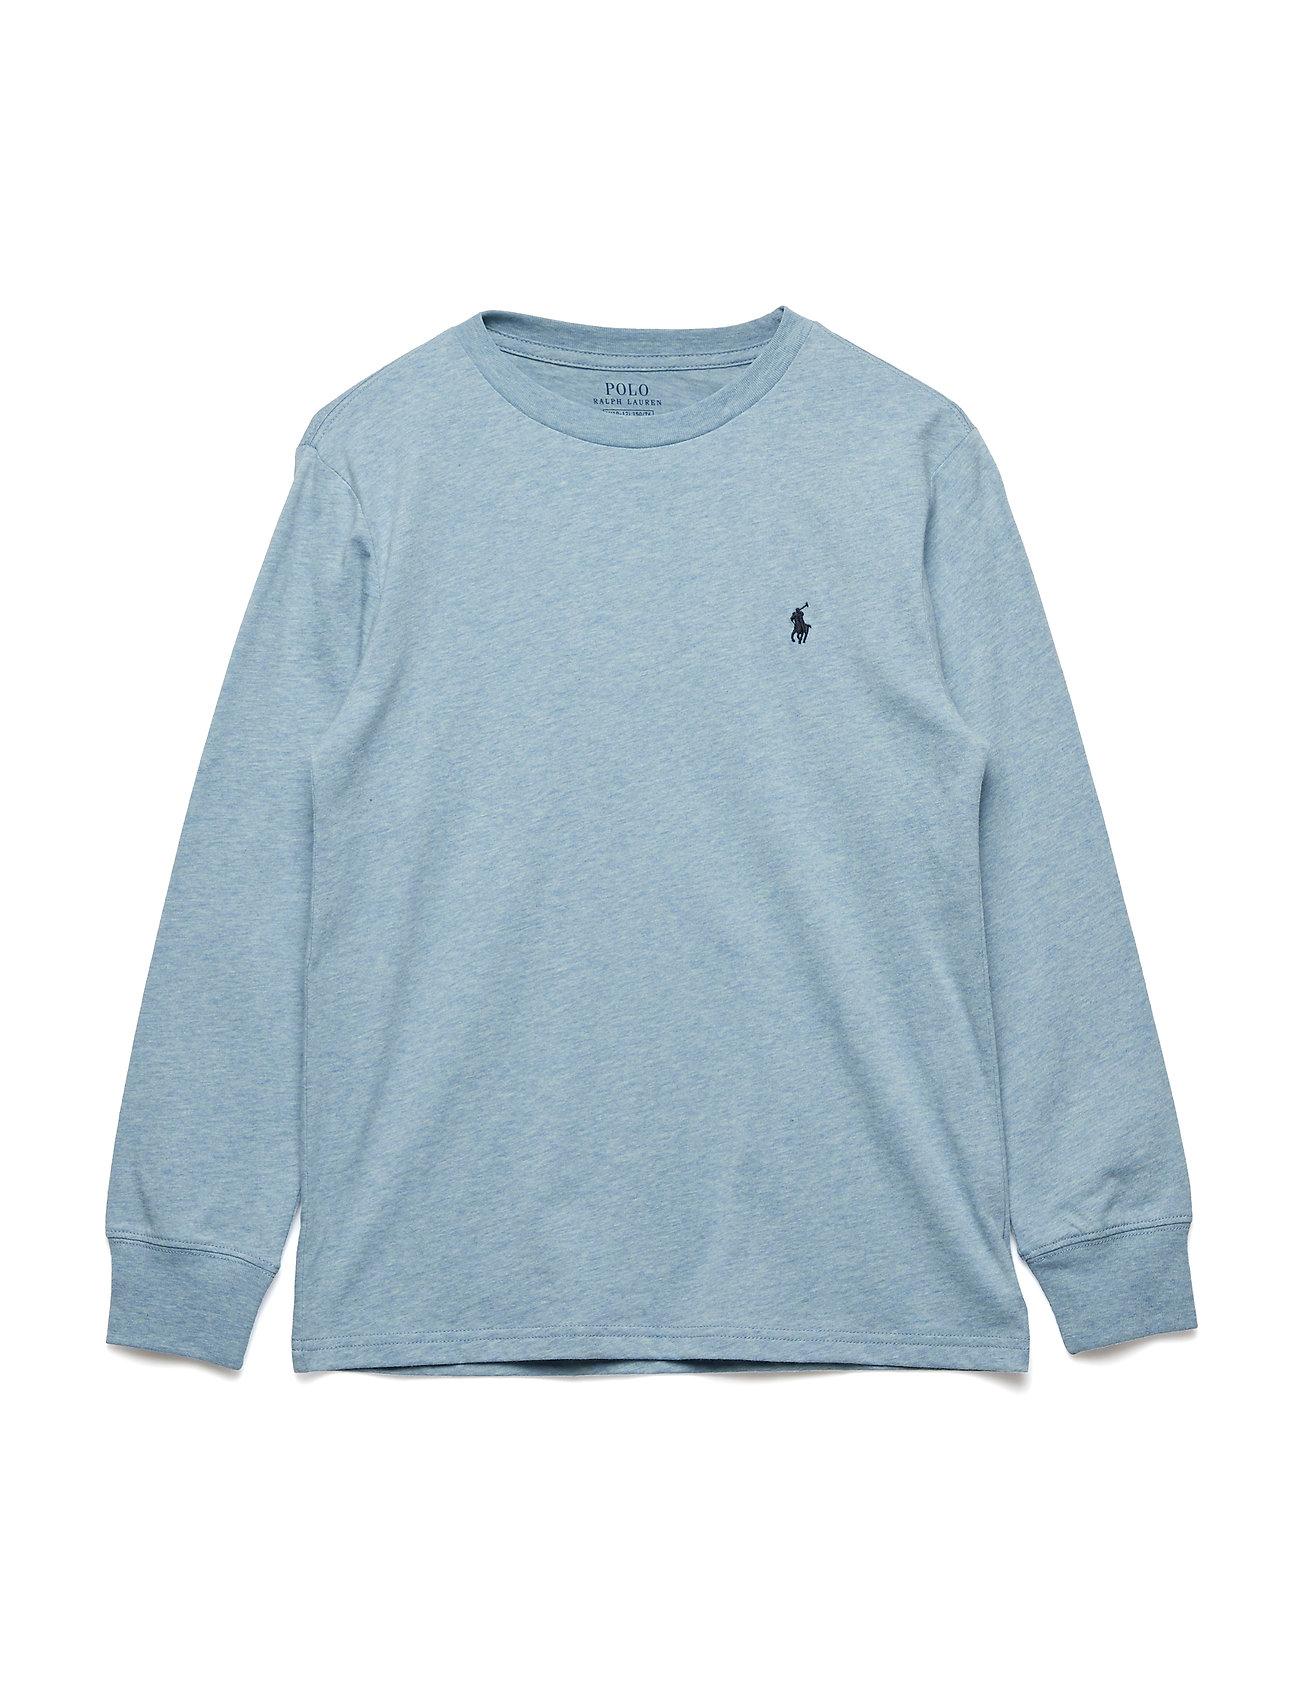 Ralph Lauren Kids Cotton Long-Sleeve T-Shirt